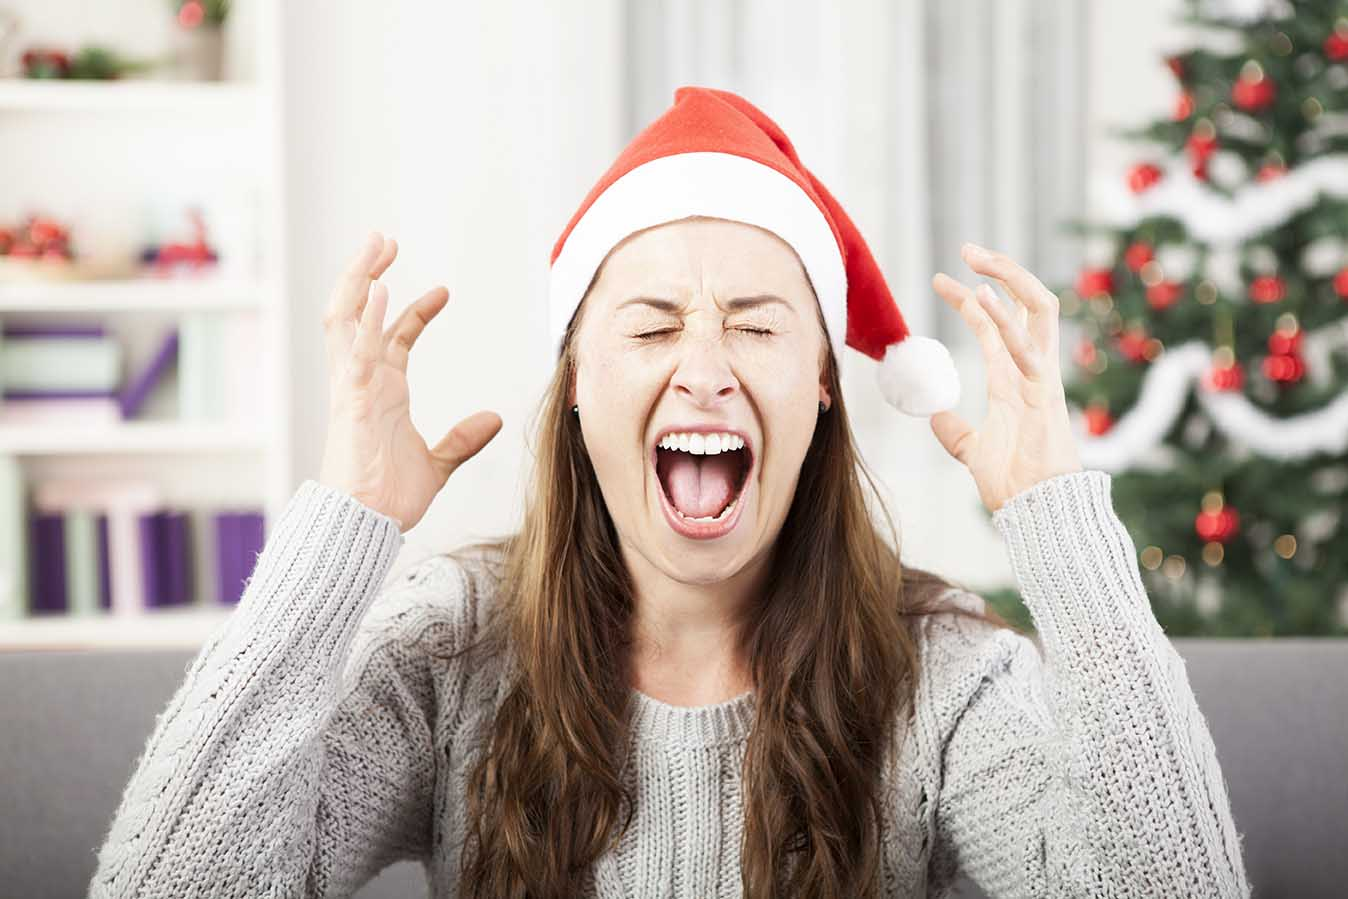 Mujer estresada por la Navidad y la mudanza internacional